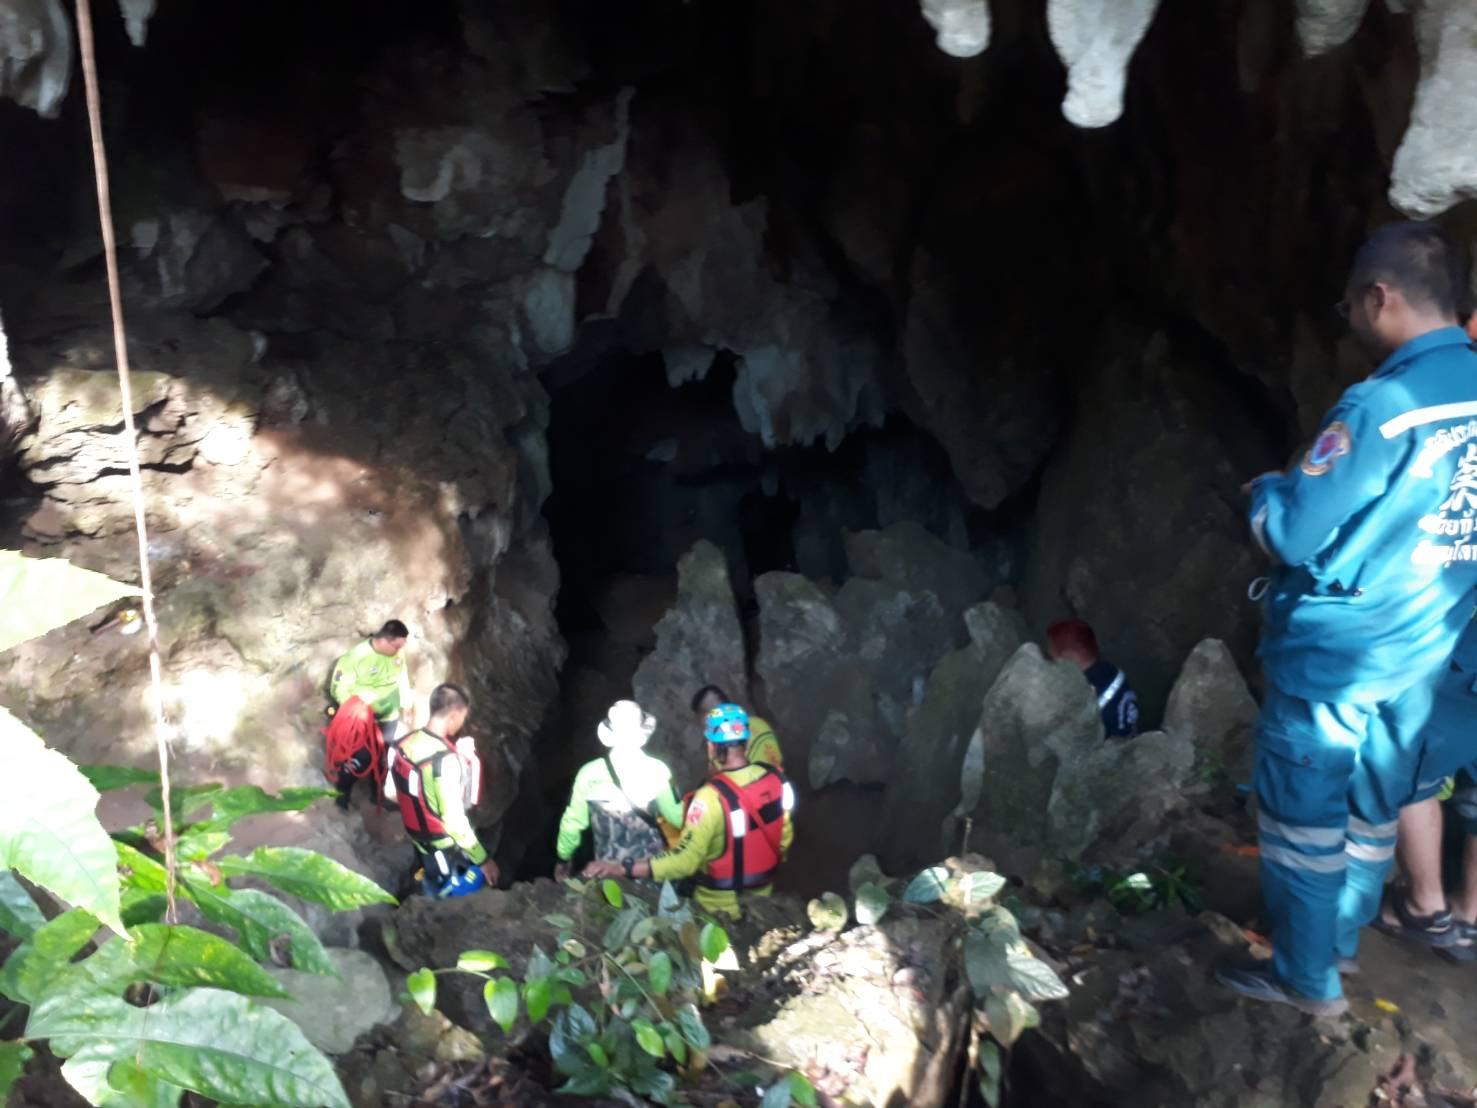 ยุติการค้นหา! พระติดถ้ำ